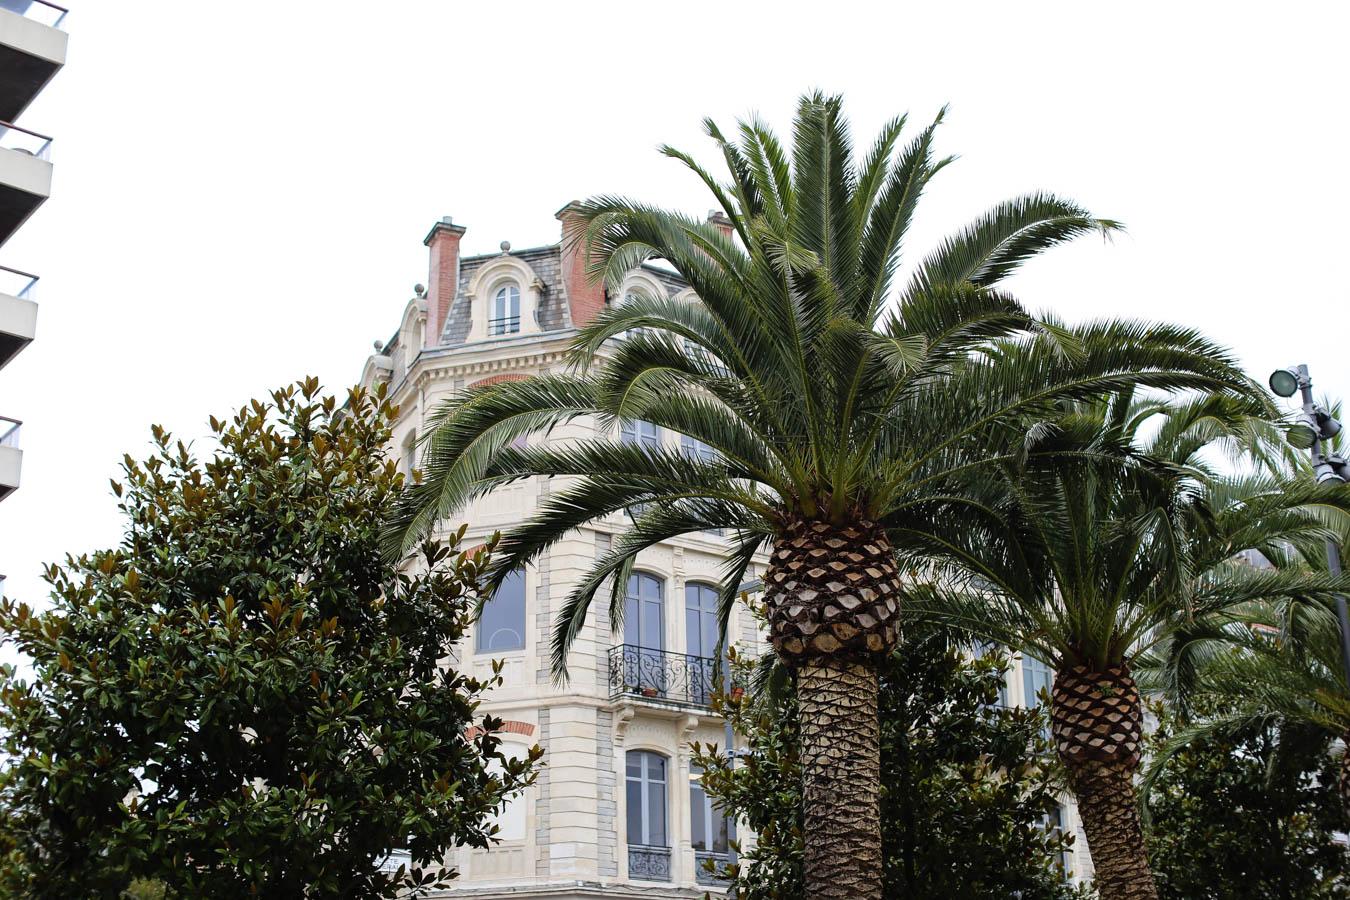 Reisebericht Biarritz Frankreich